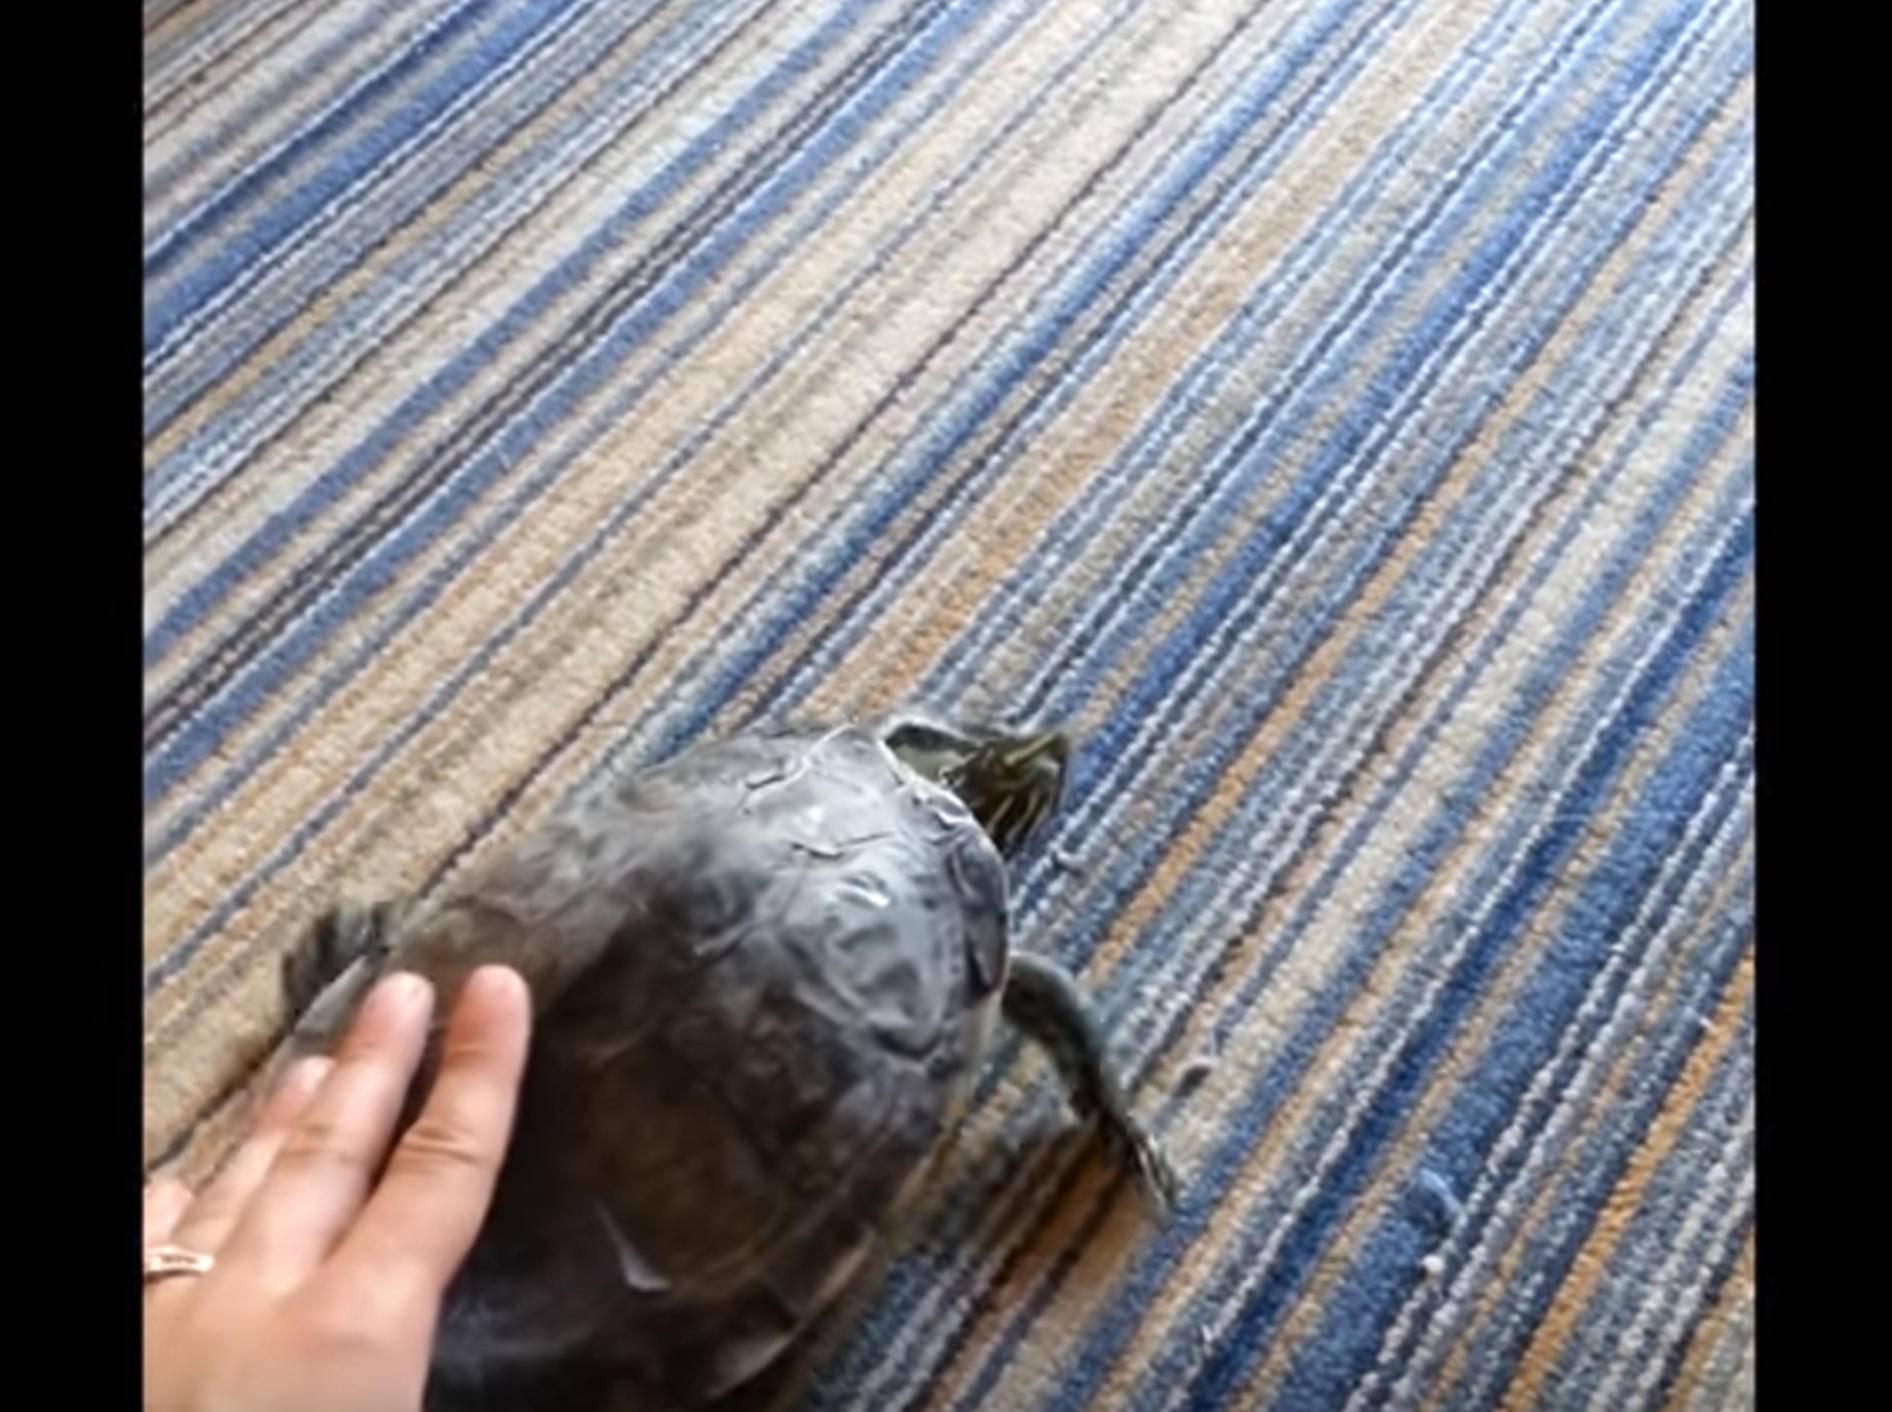 Kraulen mit Wirkung: Schildkröte wackelt mit Panzer – Bild: YouTube / Kyoot Animals